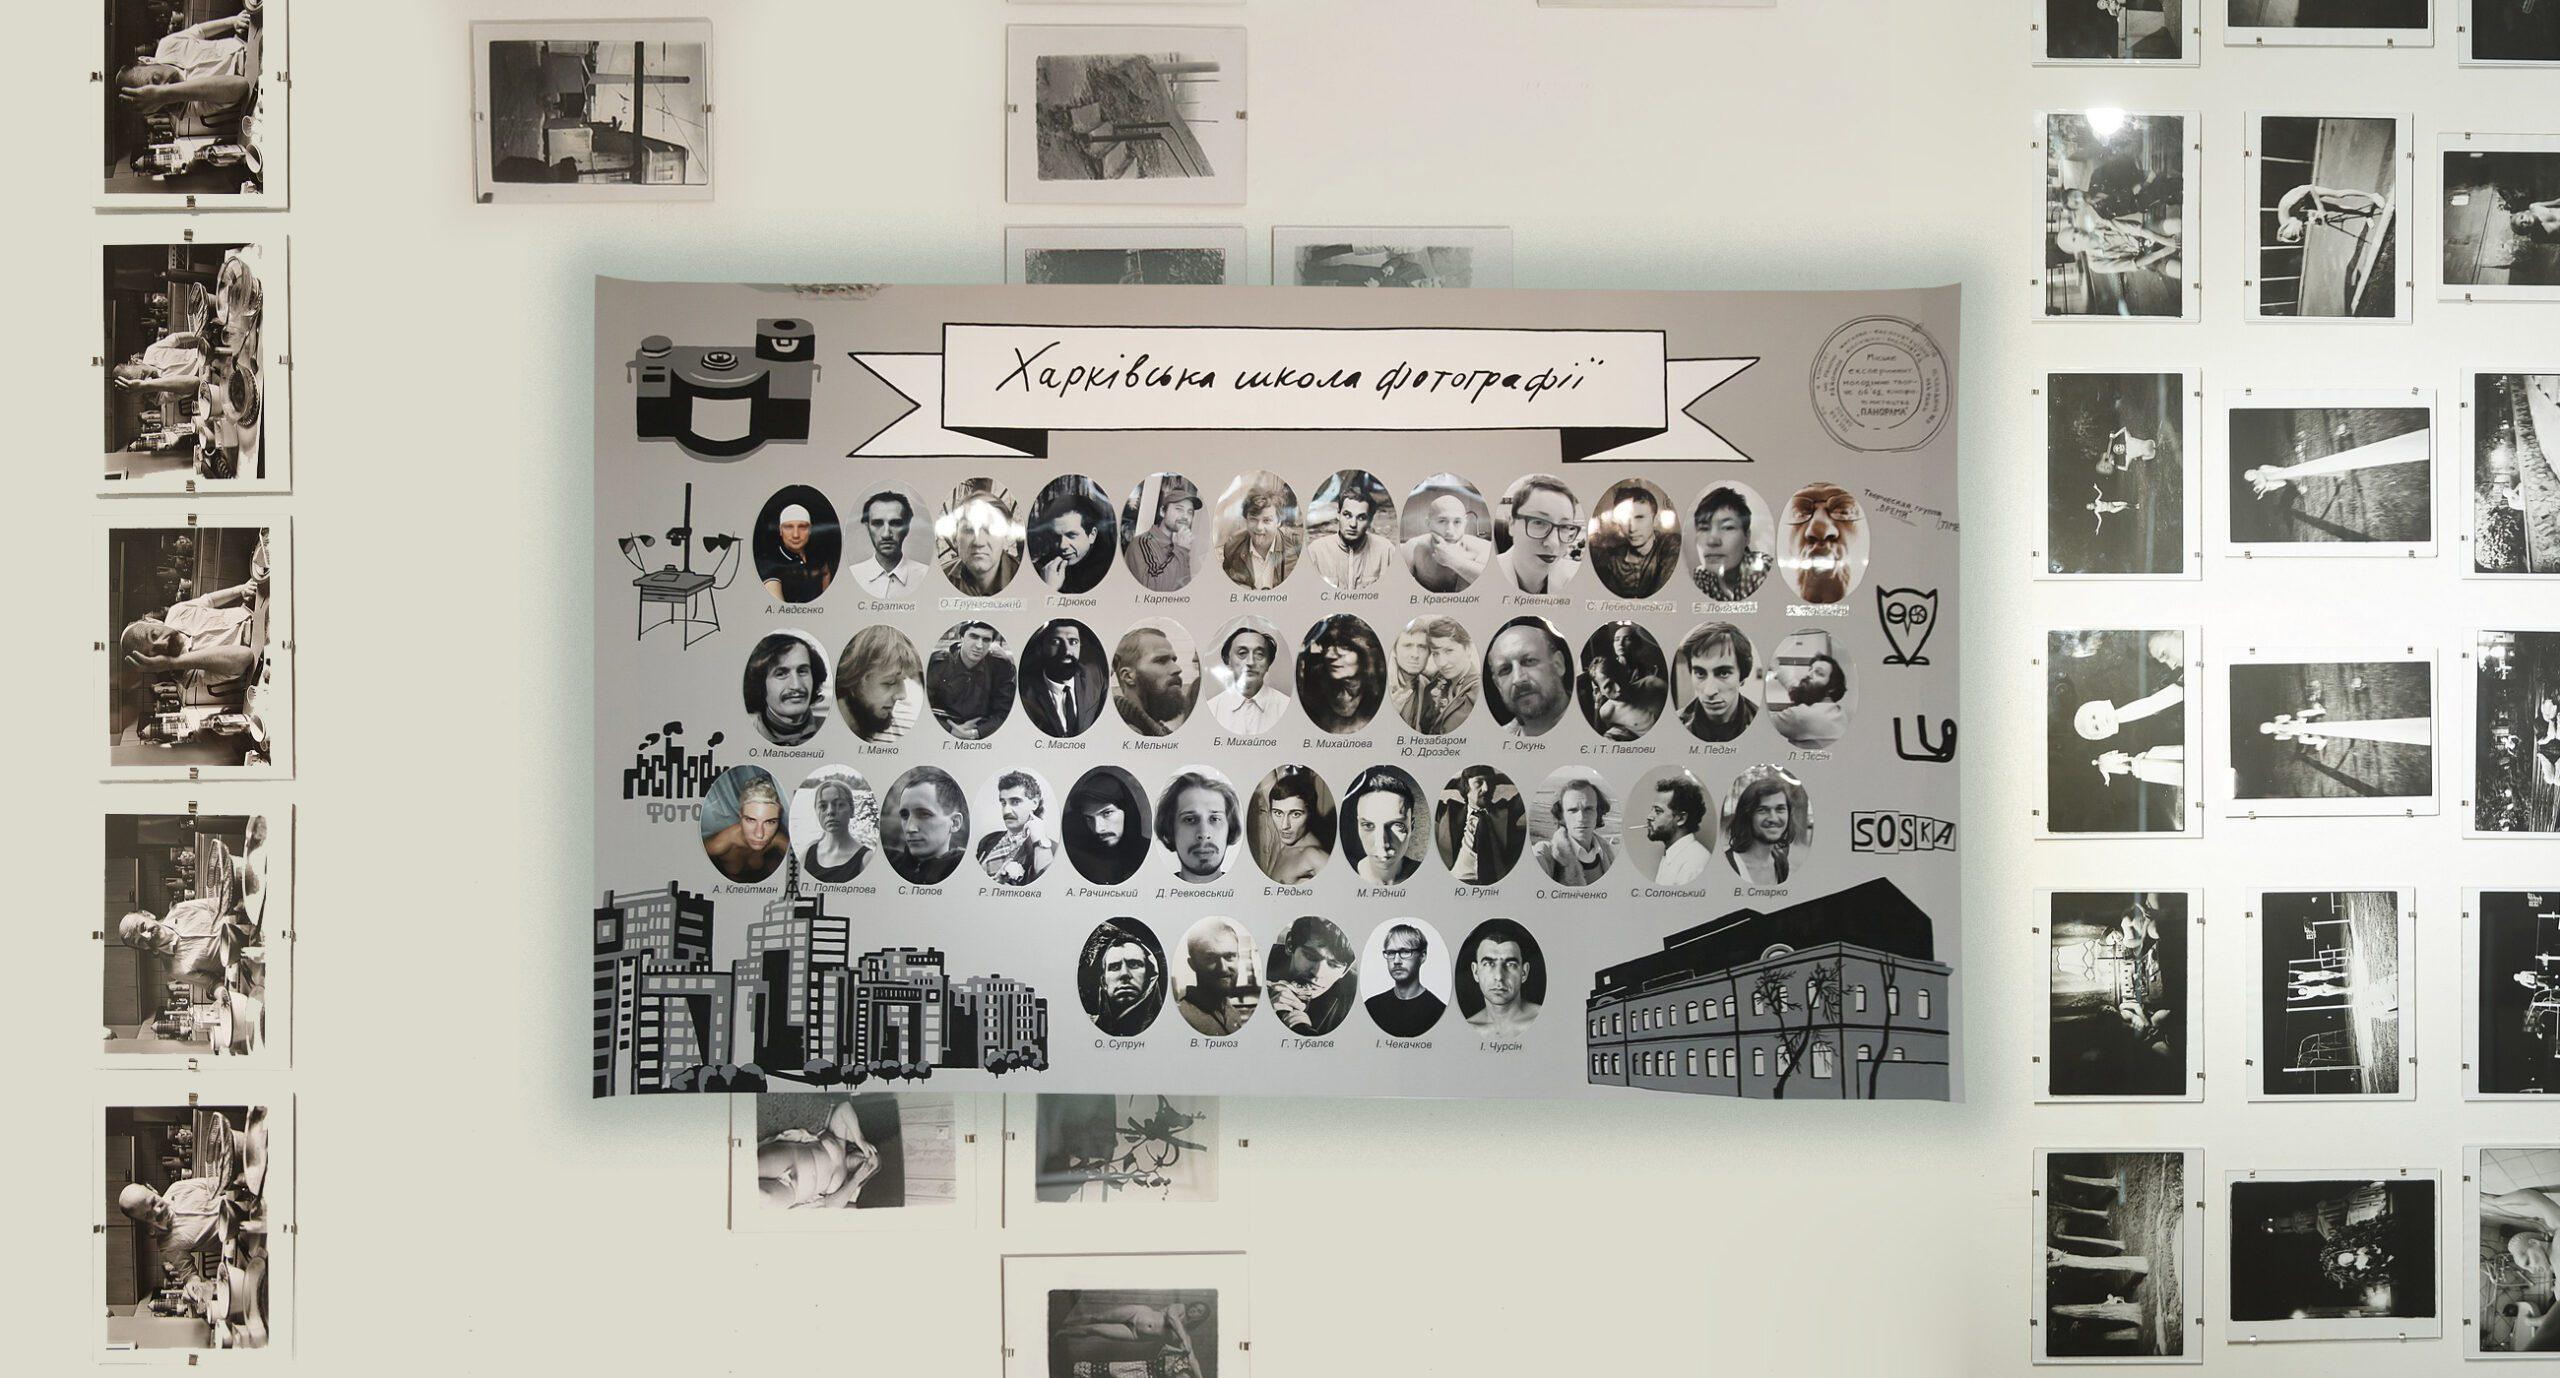 Харьковская школа фотографии изменила мировое искусство. Вот что нужно об этом знать